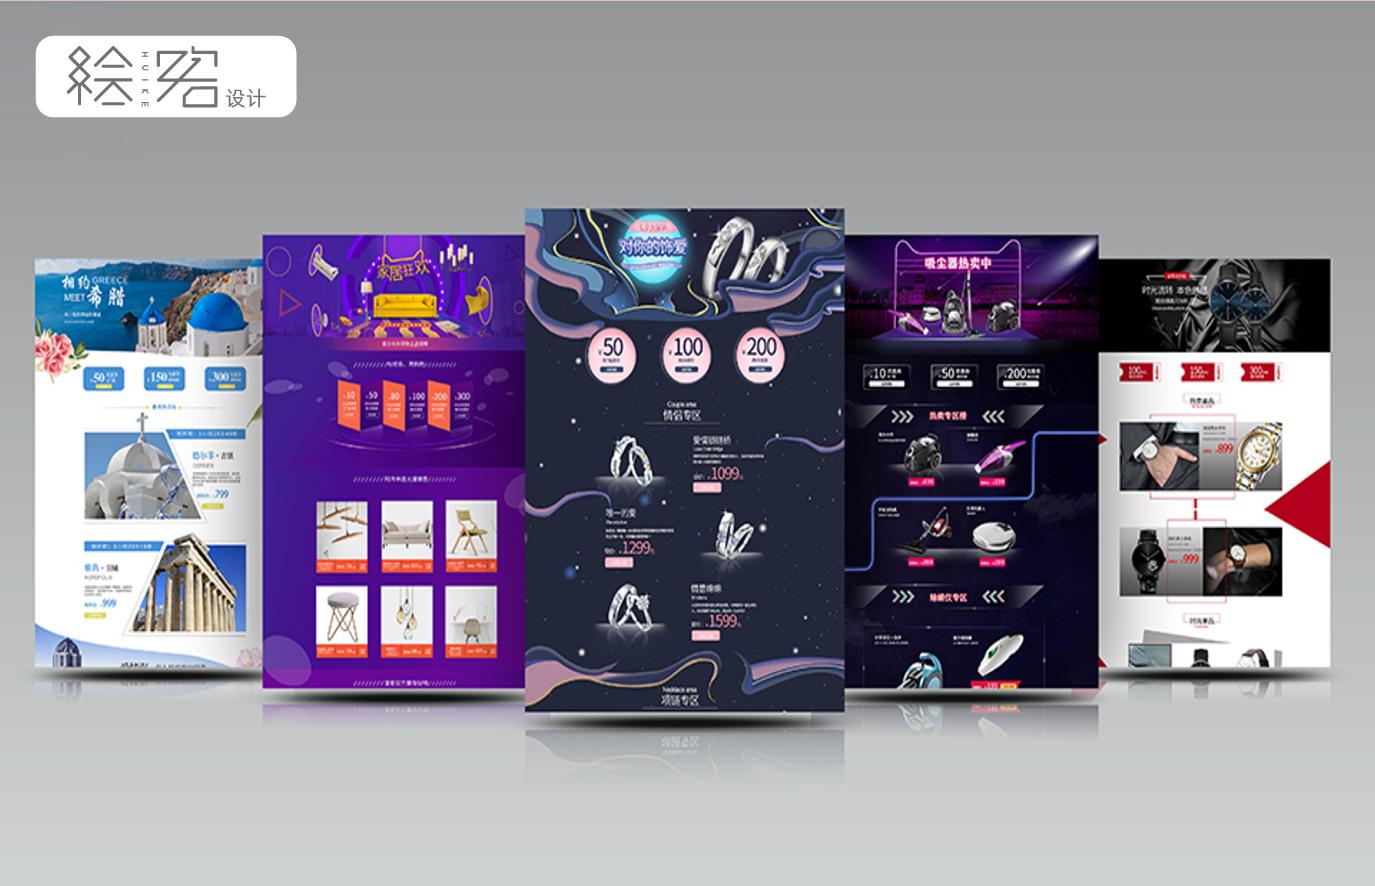 原创淘宝天猫拼多多抖音阿里巴巴国际站速卖通亚马逊宝贝详情设计